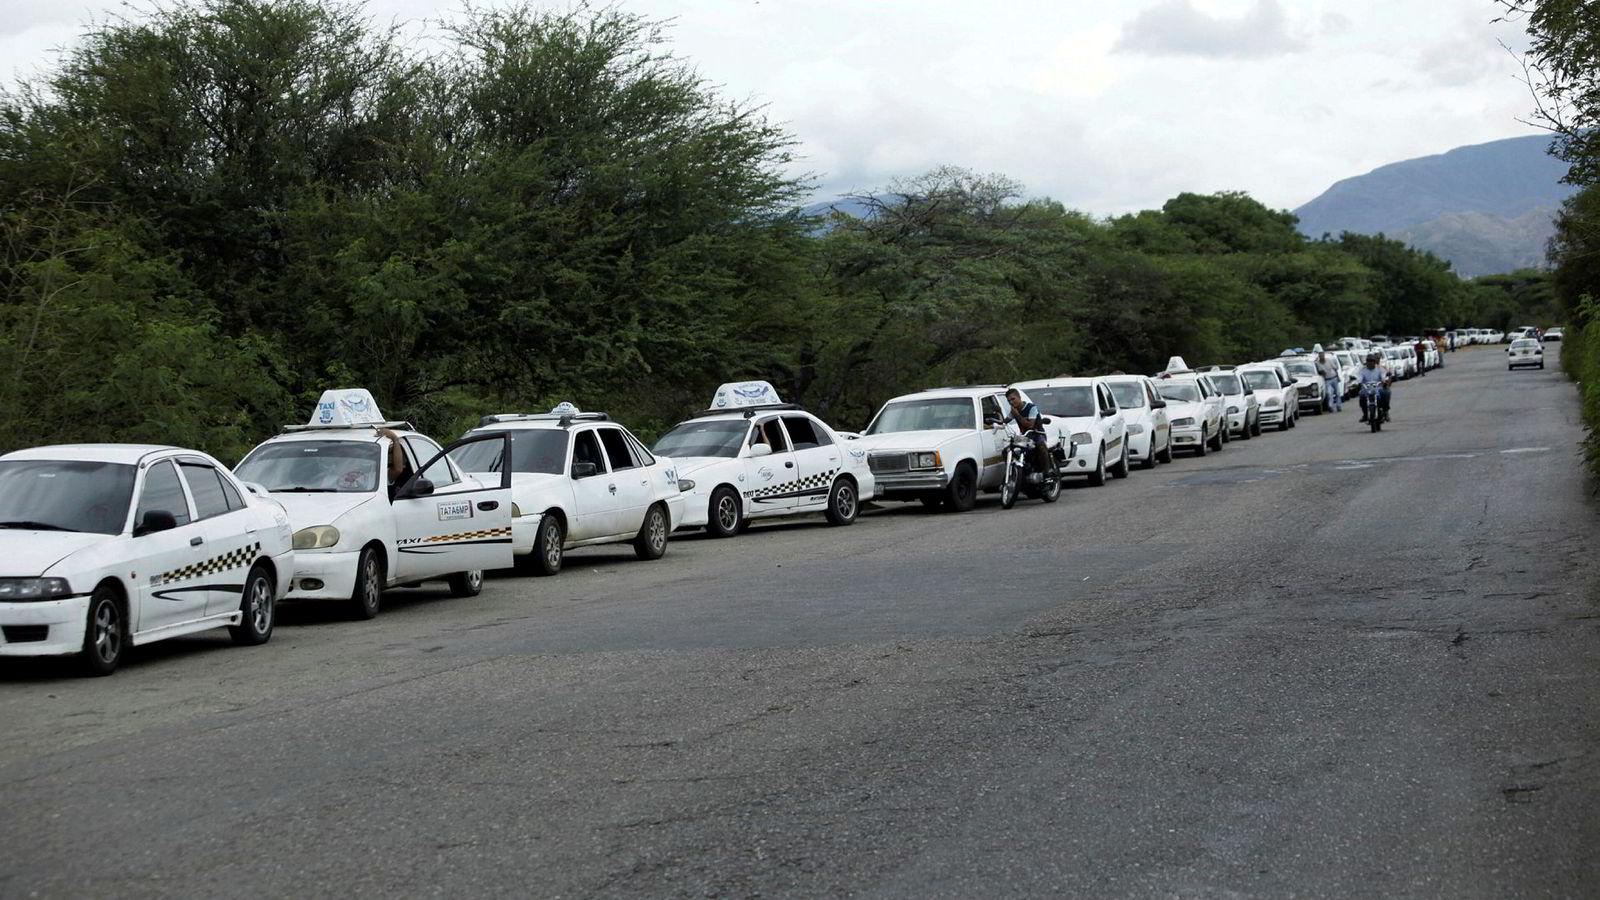 13 latinamerikanske land ber Venezuela erkjenne at landet er i en krise og trenger hjelp. Bildet viser en enorm bilkø tirsdag som venter på å komme frem til en bensinstasjon i byen San Antonio.